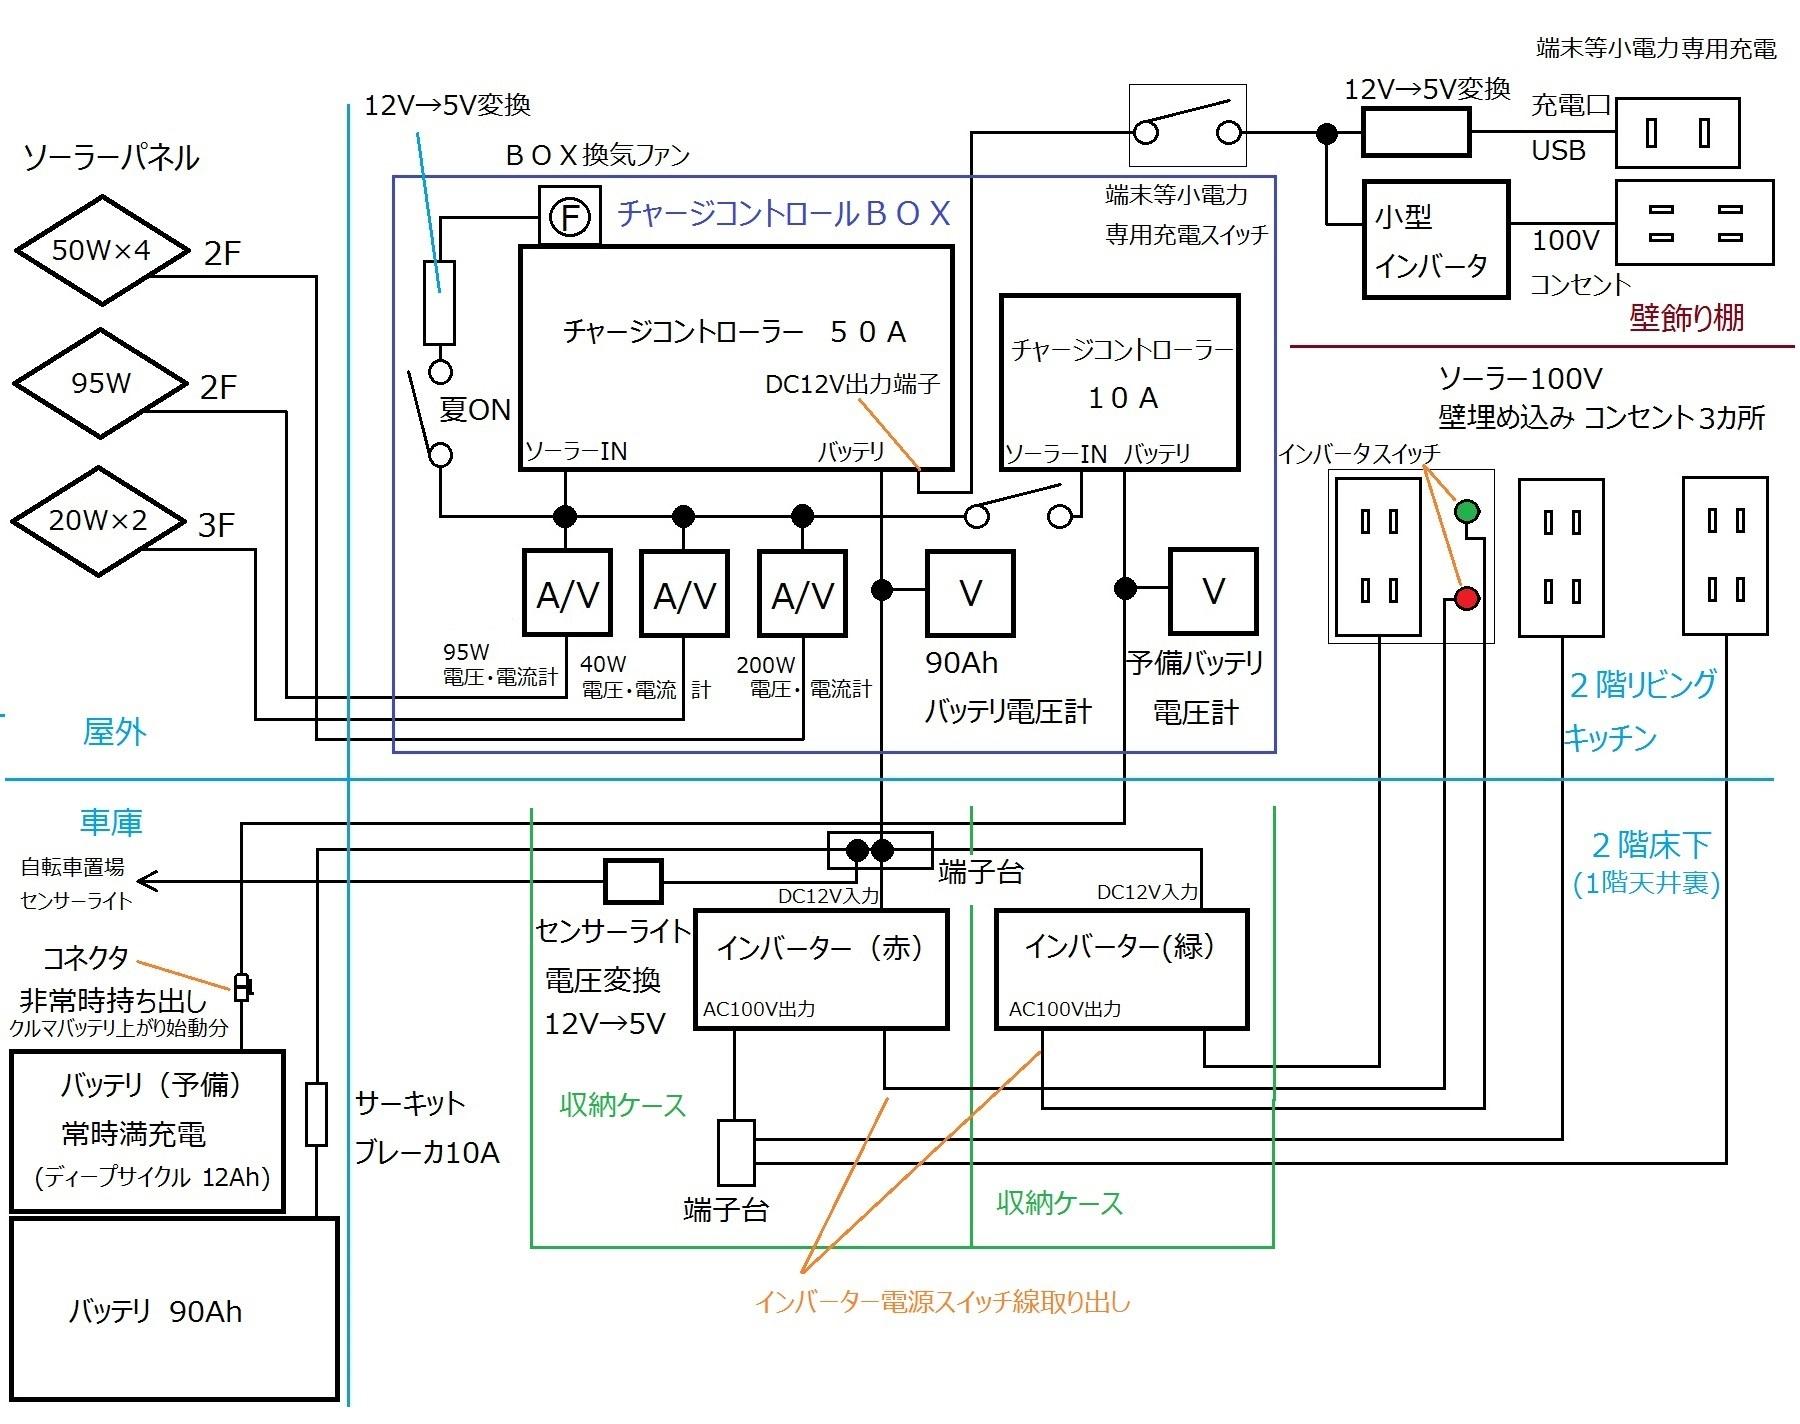 ソーラー 配線図